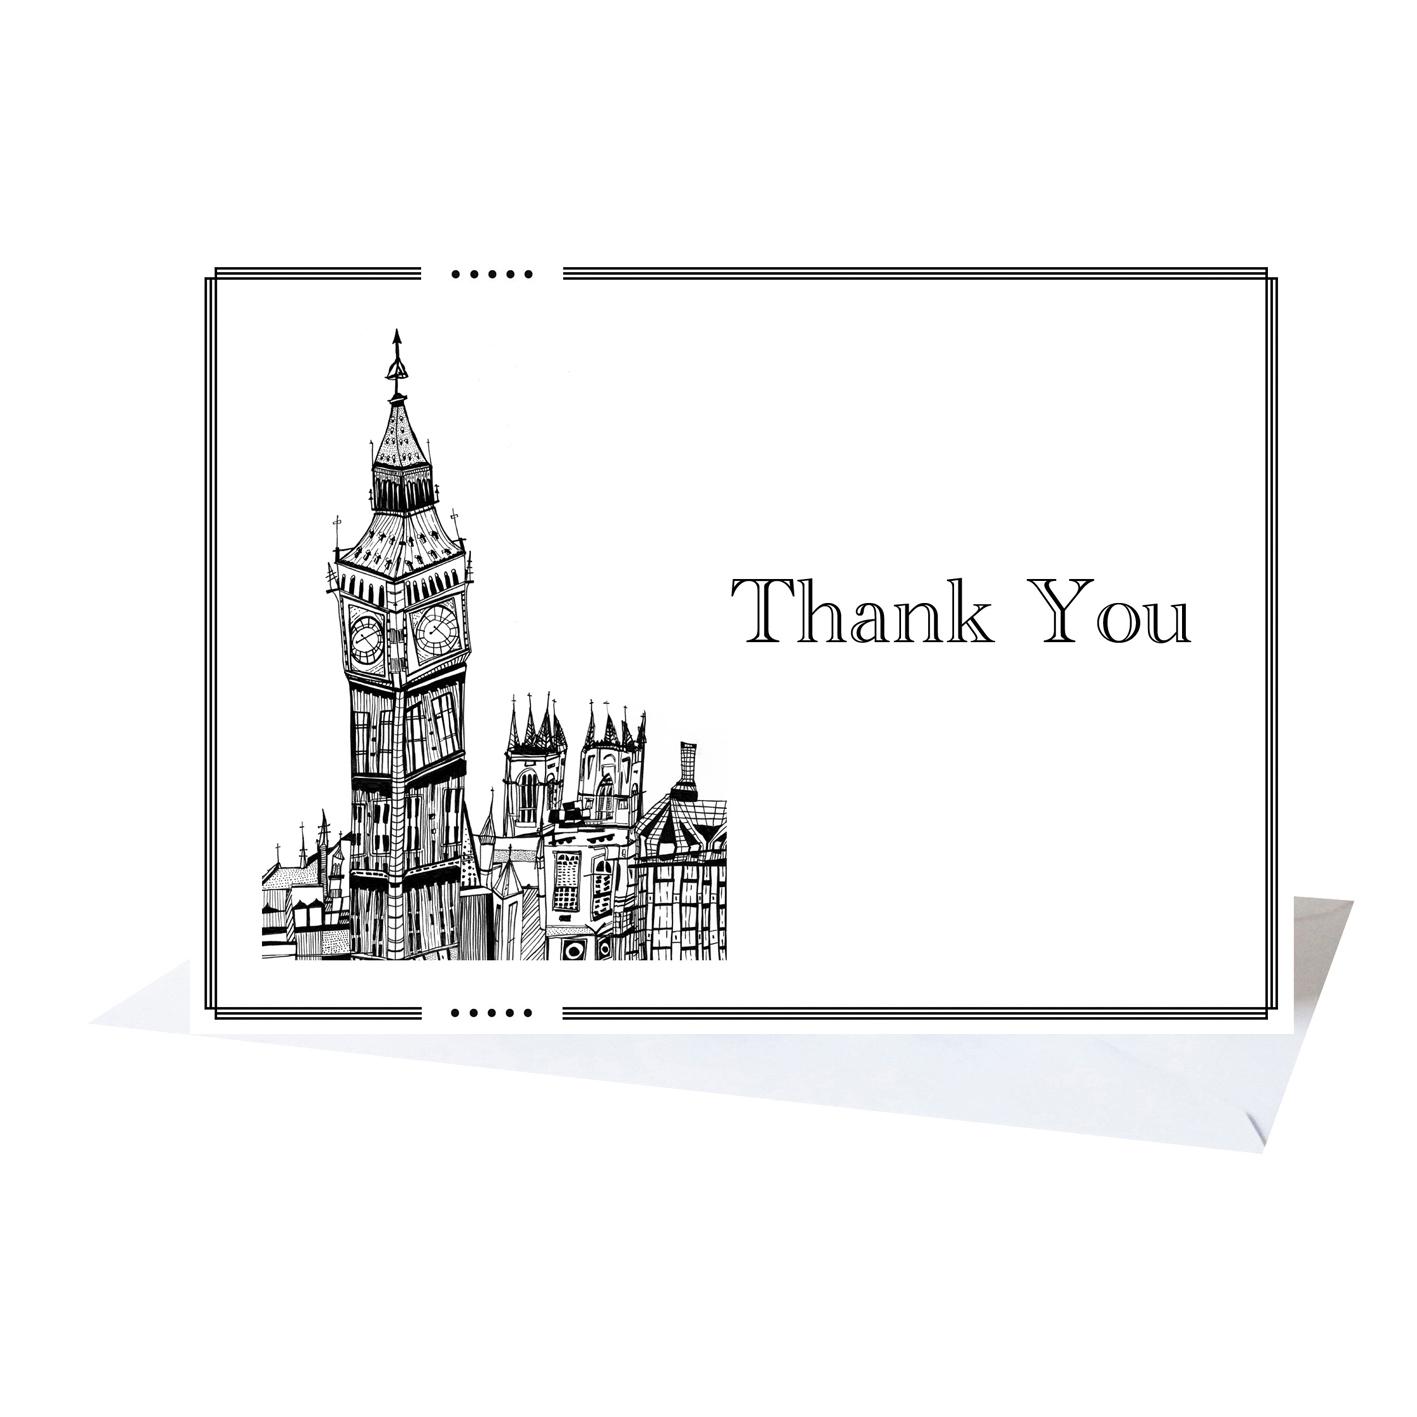 rendah thank you card cutout.jpg